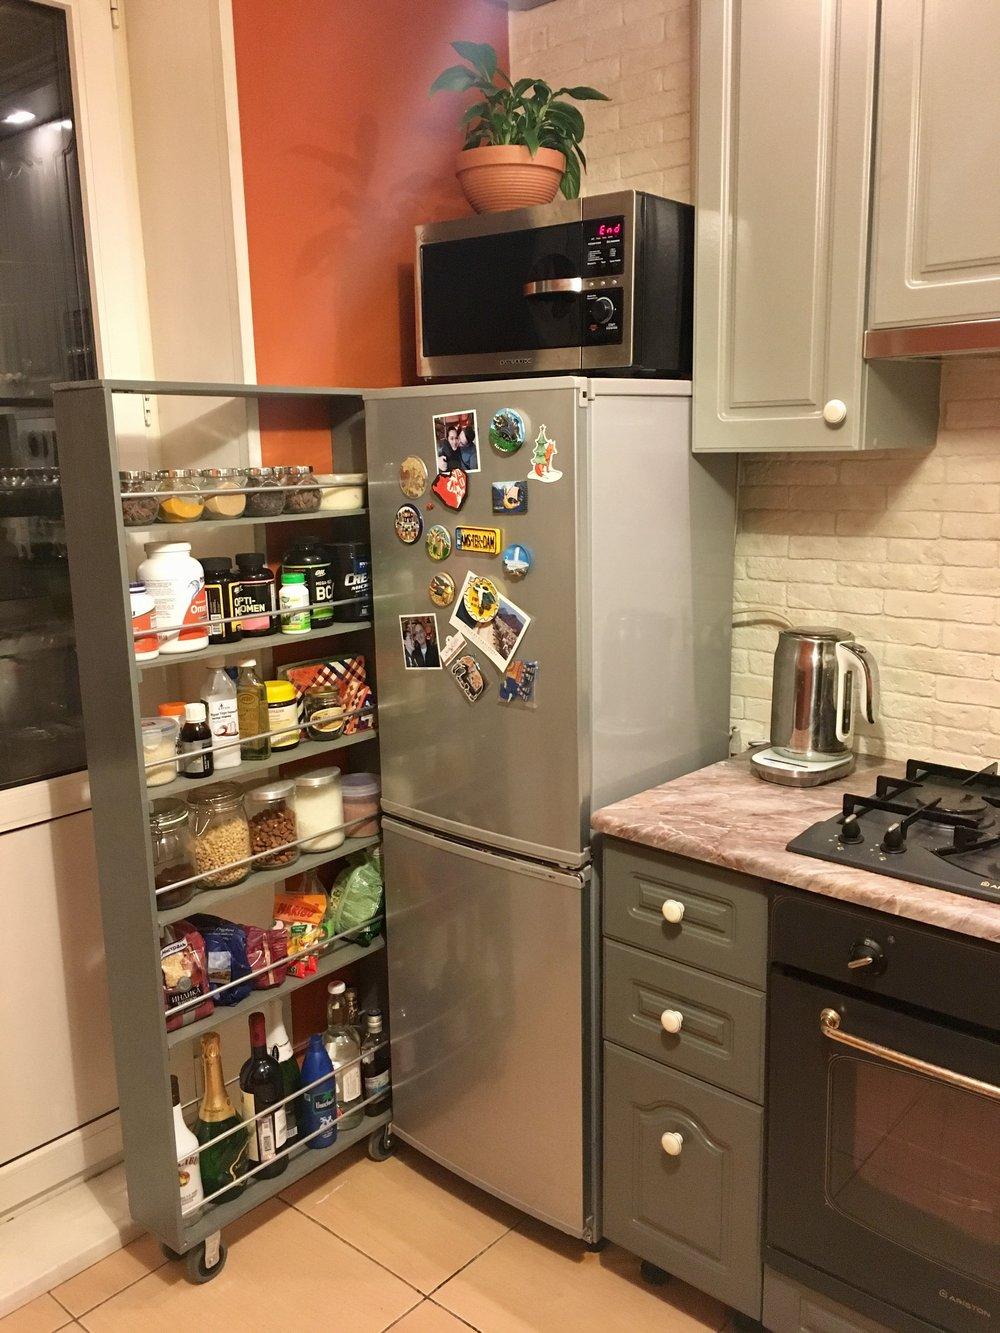 Выдвижная полка за холодильником своими руками. Фото, чертеж и список деталей